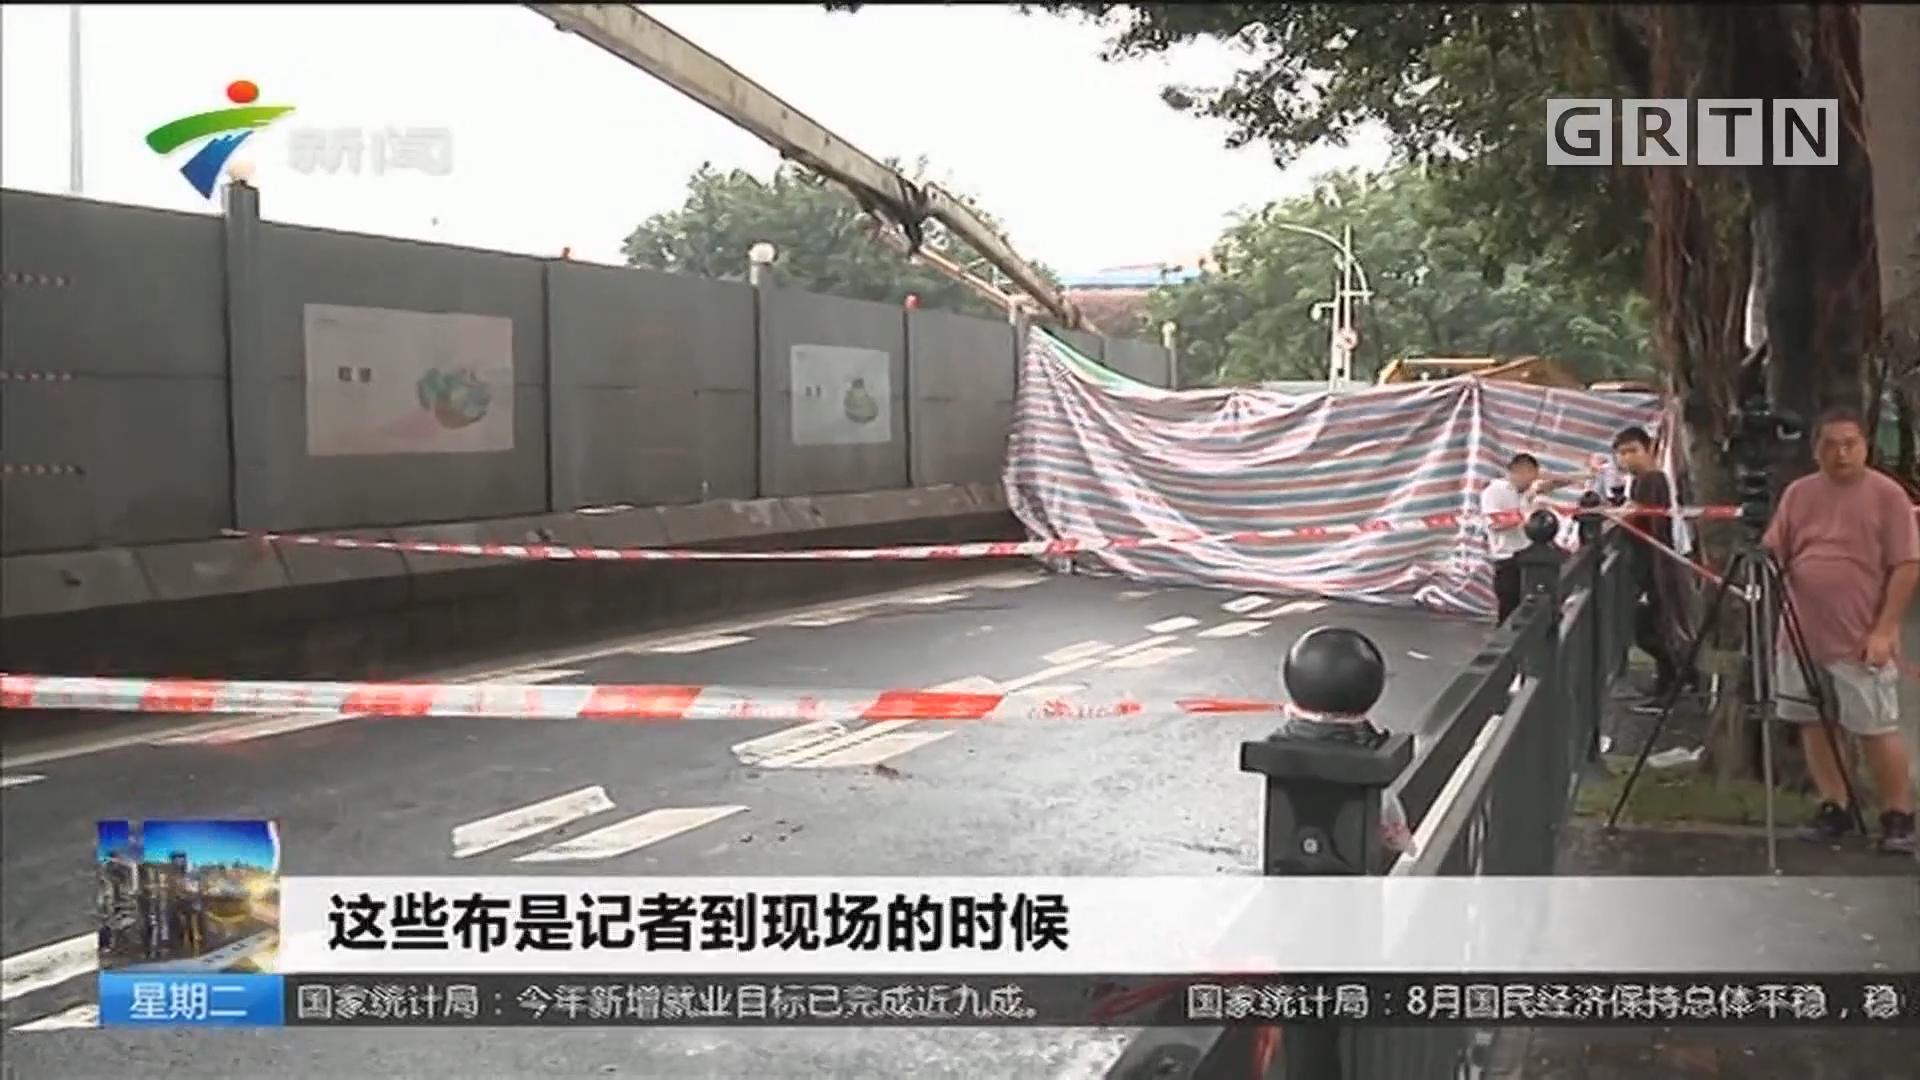 广州:科韵路再地陷 2车侧翻无人伤亡